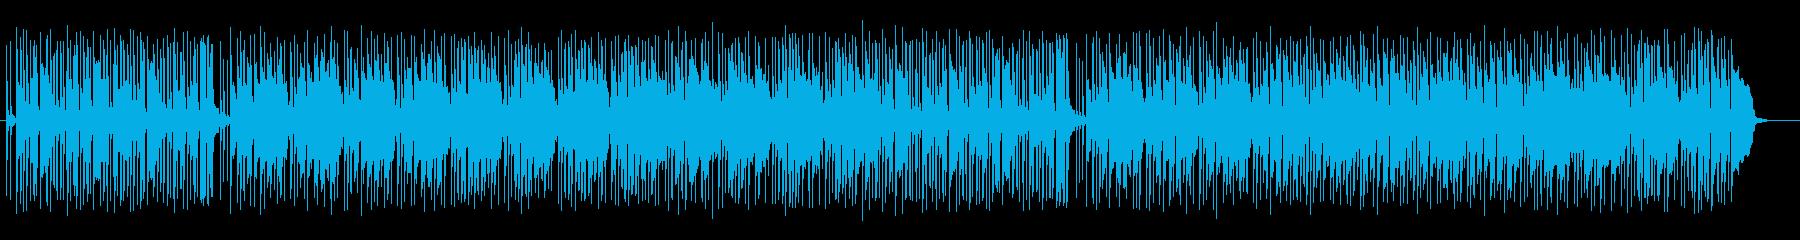 軽快なミドルテンポのシンセポップスです。の再生済みの波形